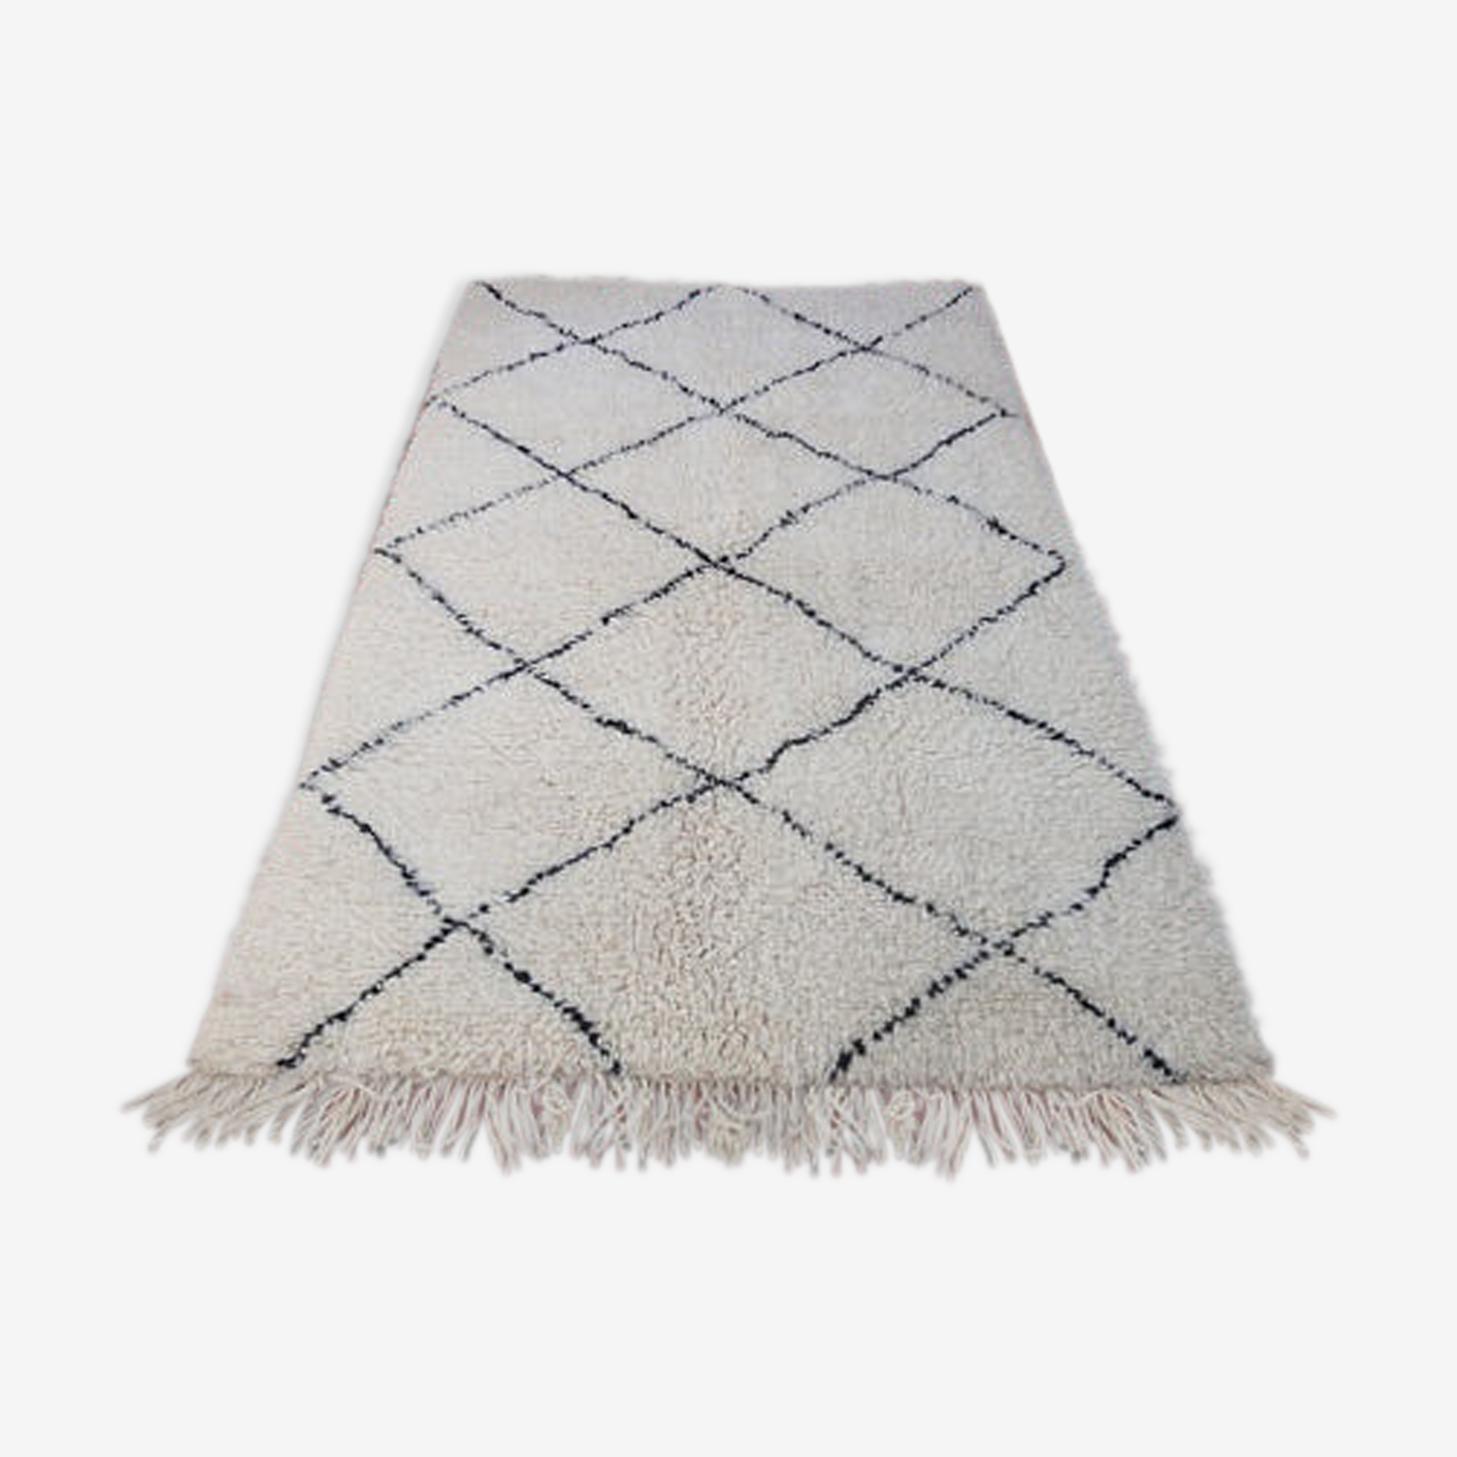 Carpet beni ourain 187 x 114 cm